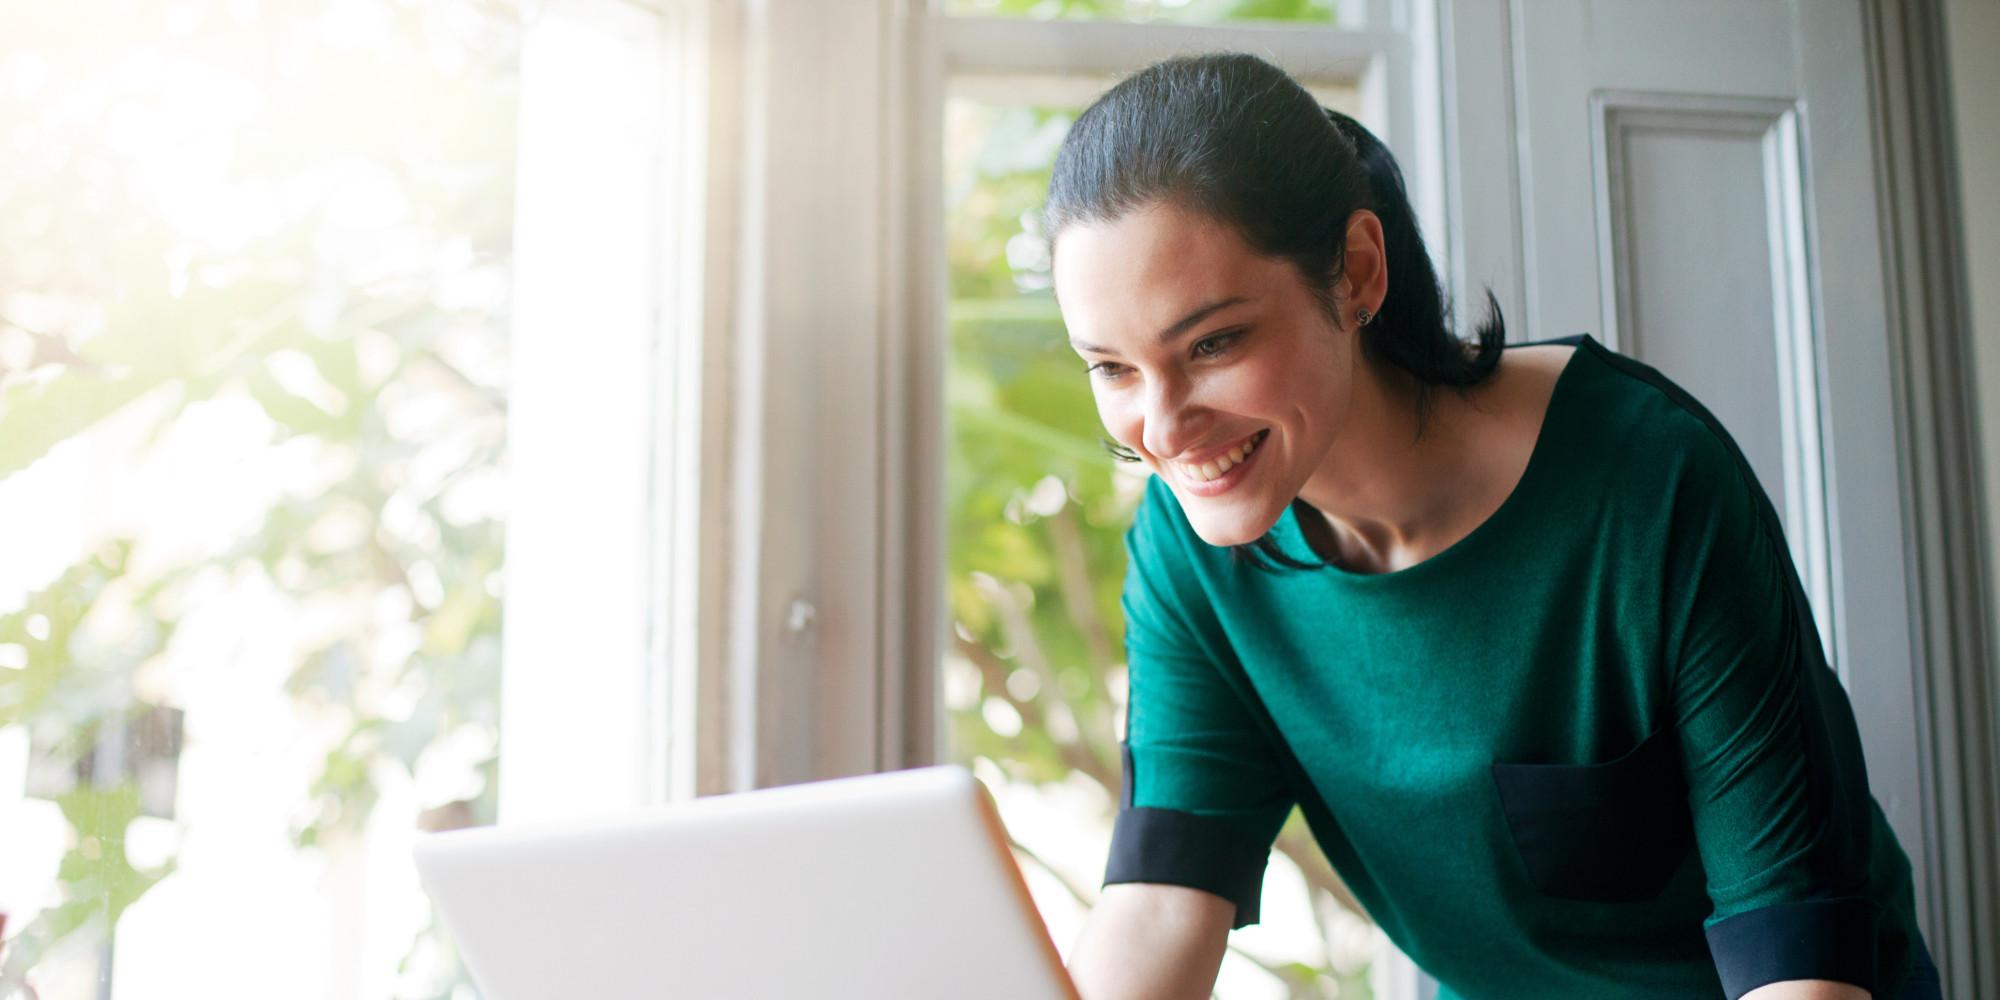 O Que Ingerir De Café Da Manhã Se Quer Perder Peso o-HAPPY-WOMAN-COMPUTER-facebook